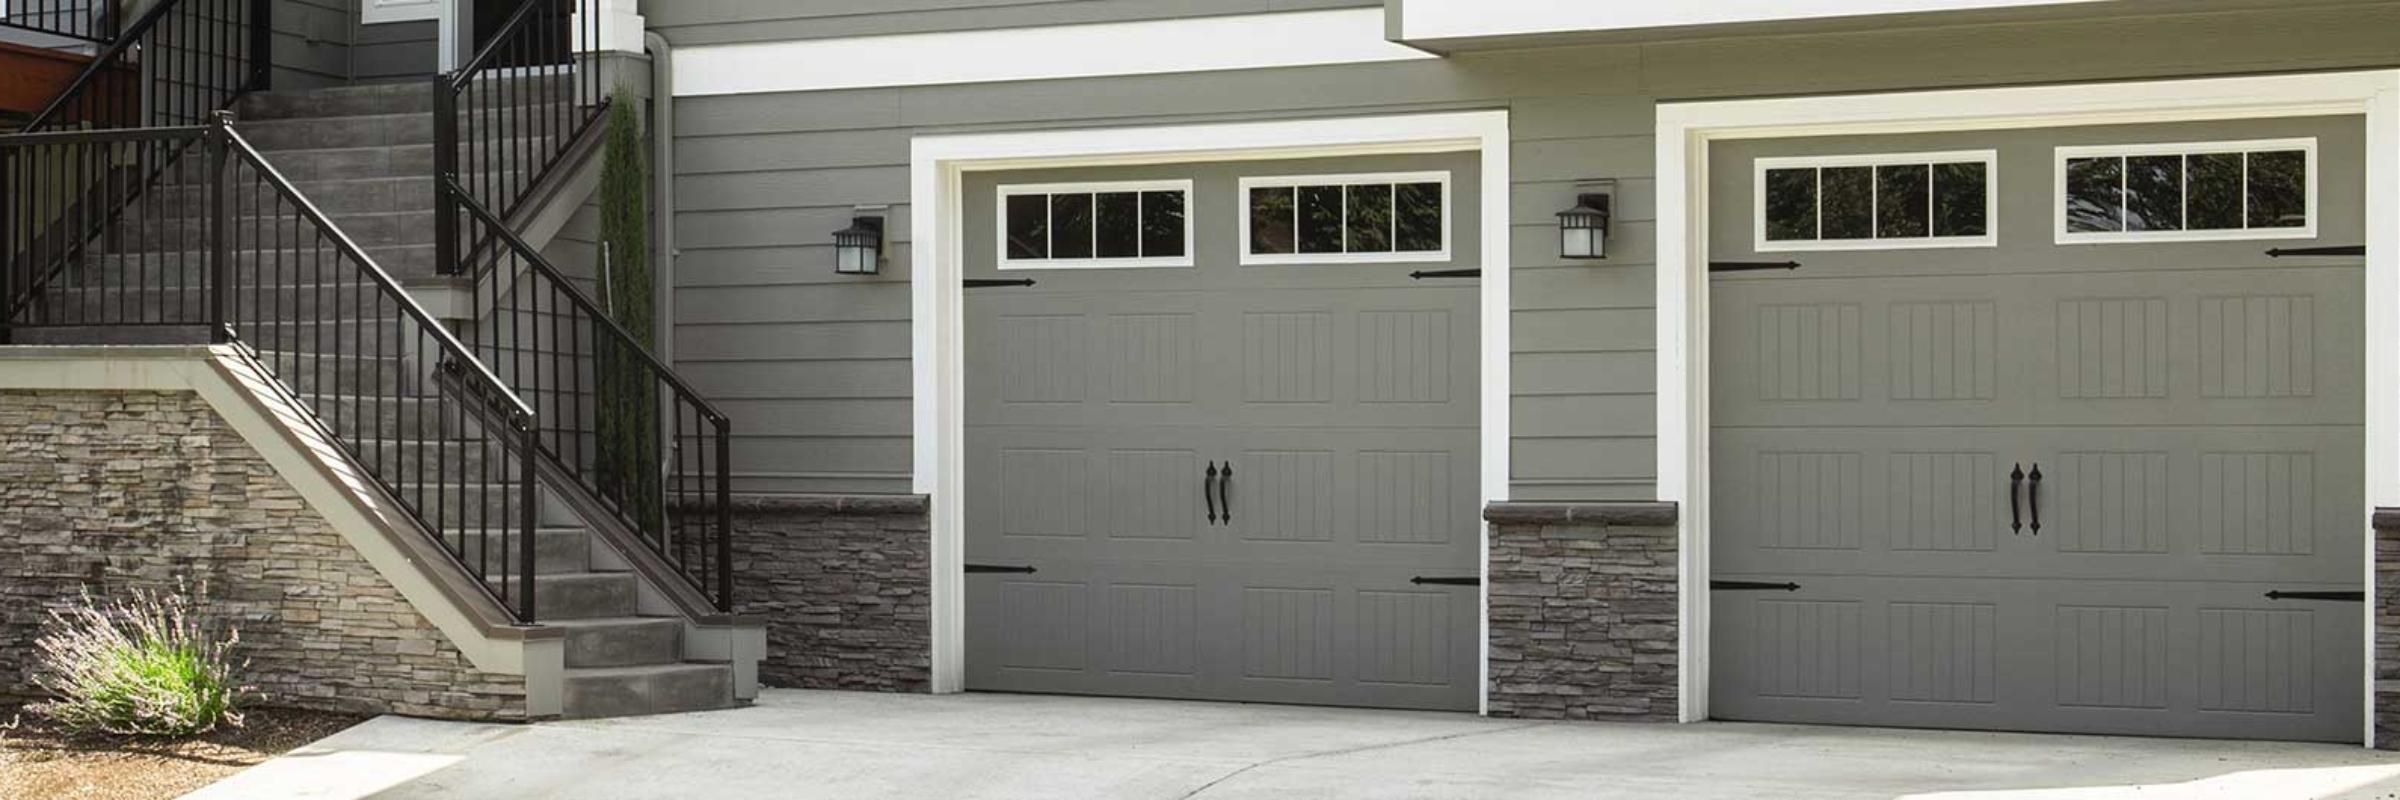 9100-Steel-Garage-Door-Sonoma-CustomPaint-Stockbridge-Steel-Collection